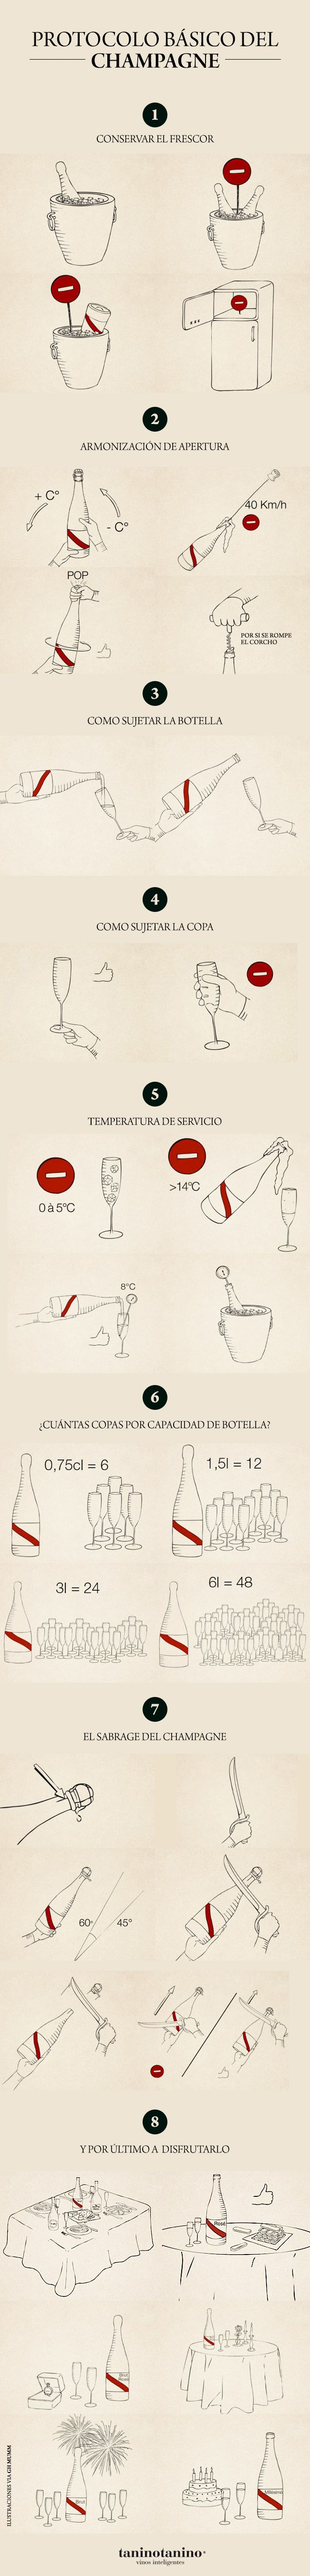 El protocolo básico del #Champagne. Ilustraciones vía GH MUMM #taninotanino…